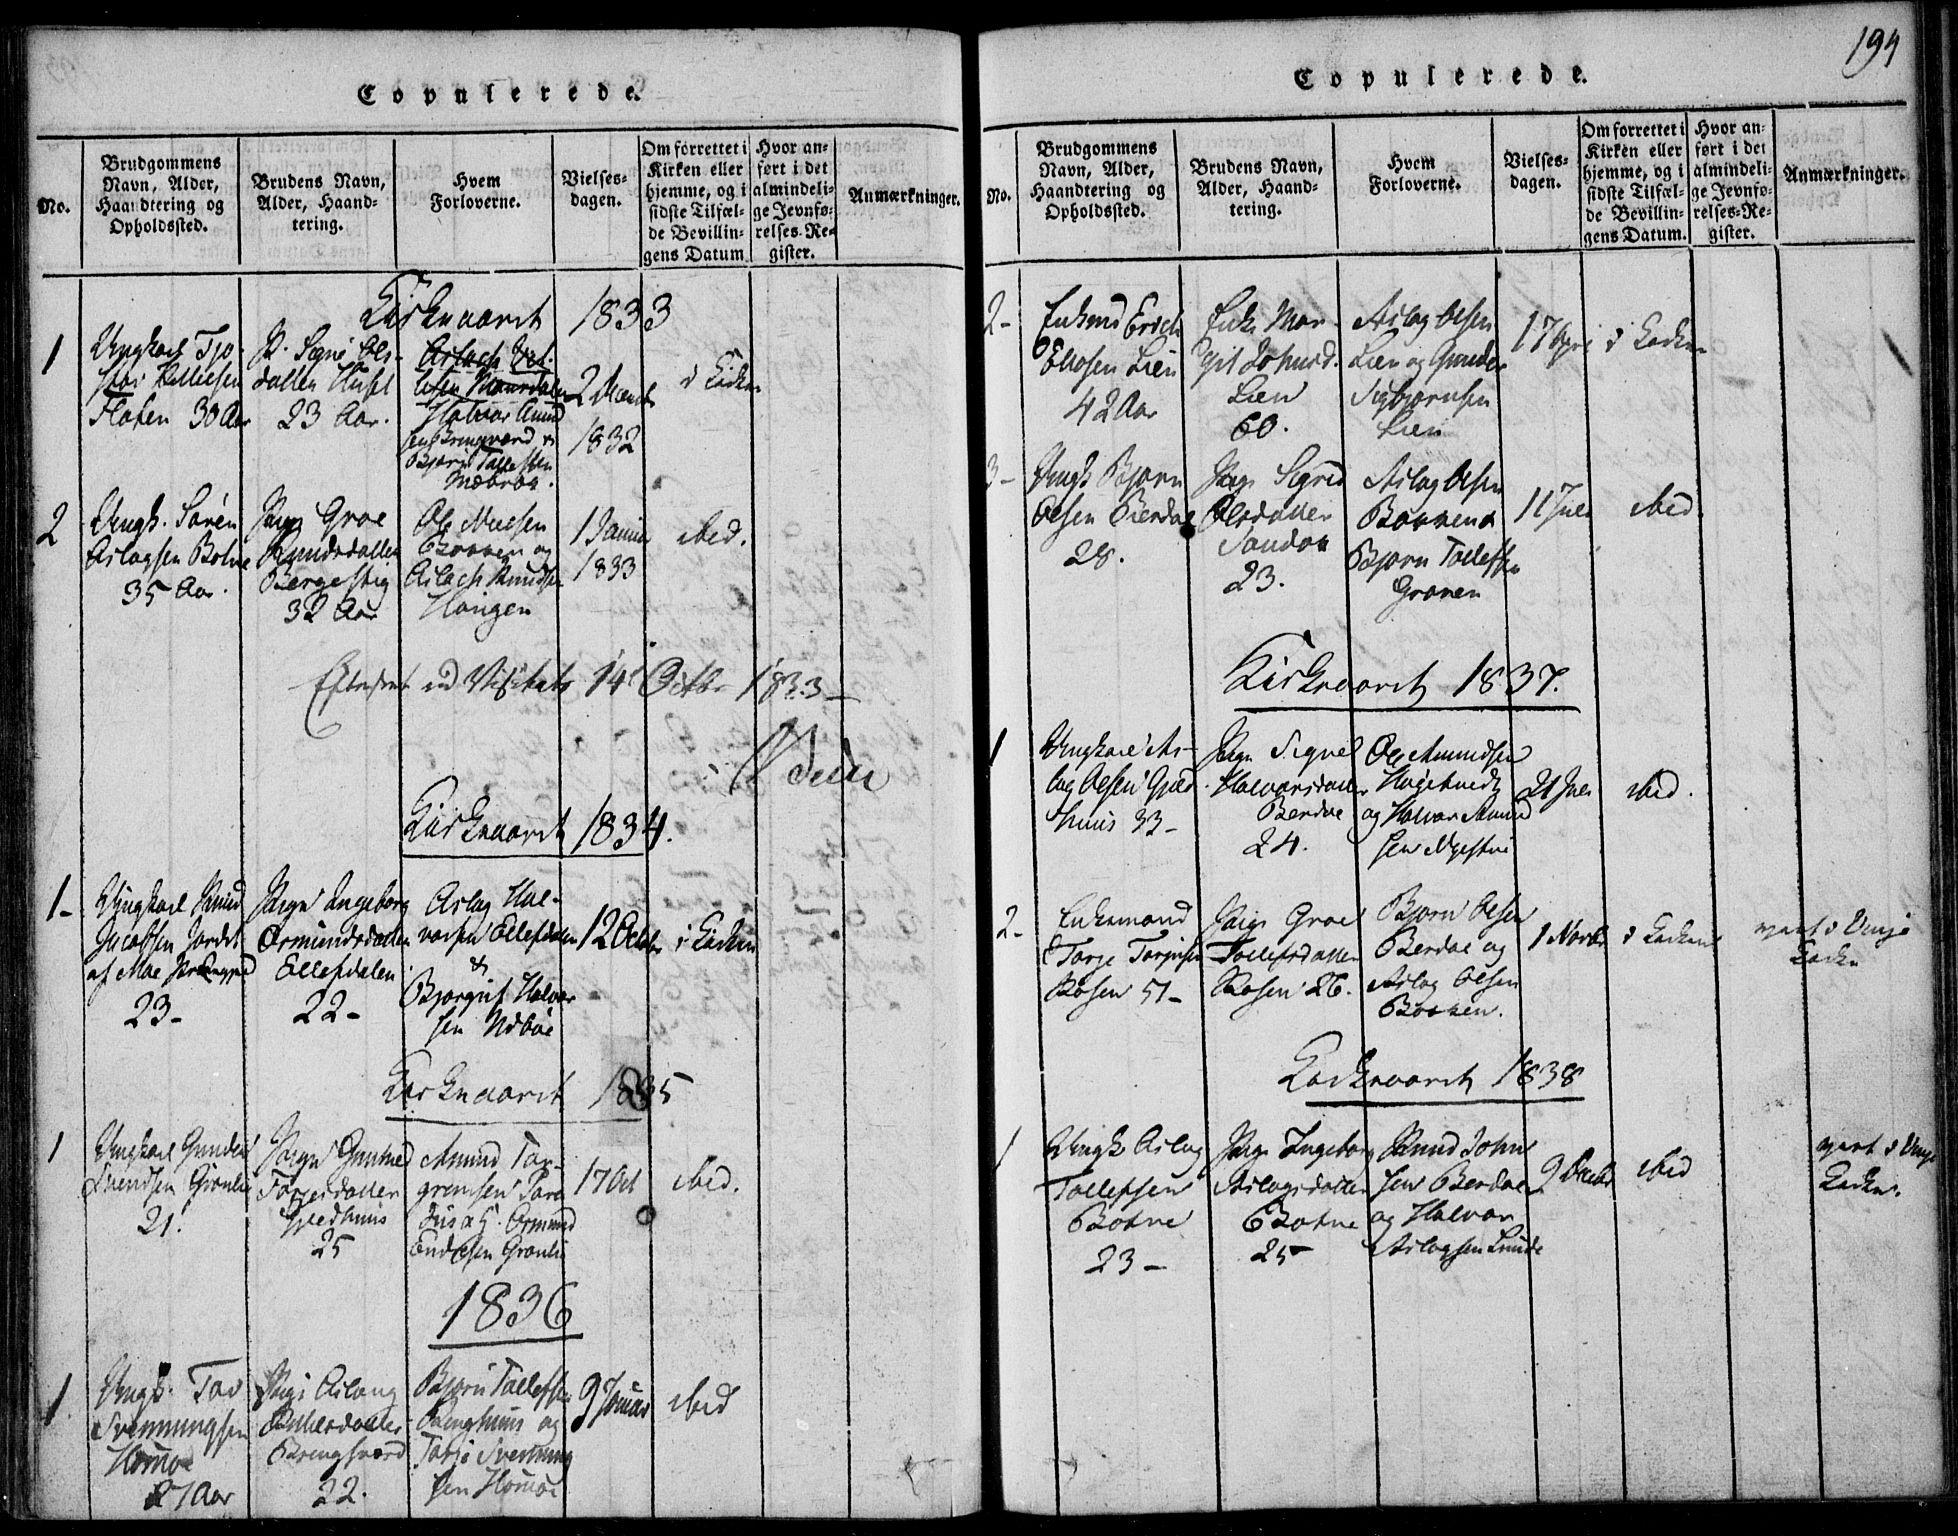 SAKO, Vinje kirkebøker, F/Fb/L0001: Ministerialbok nr. II 1, 1814-1843, s. 194